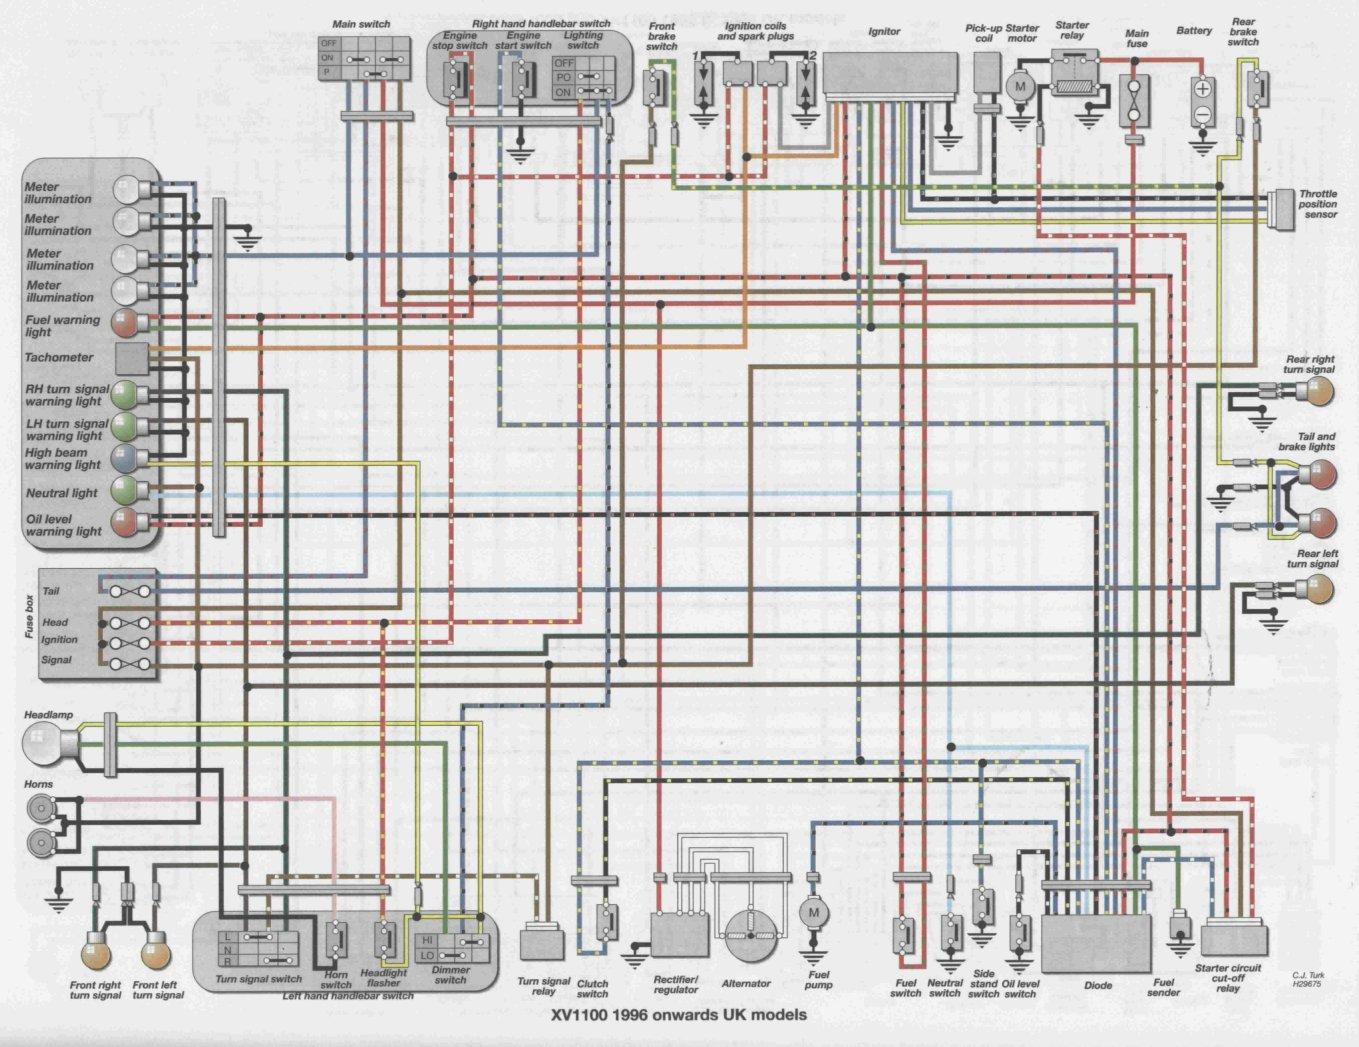 Yamaha Dt1 Wiring Diagram : Yamaha dt wiring diagram suzuki gt